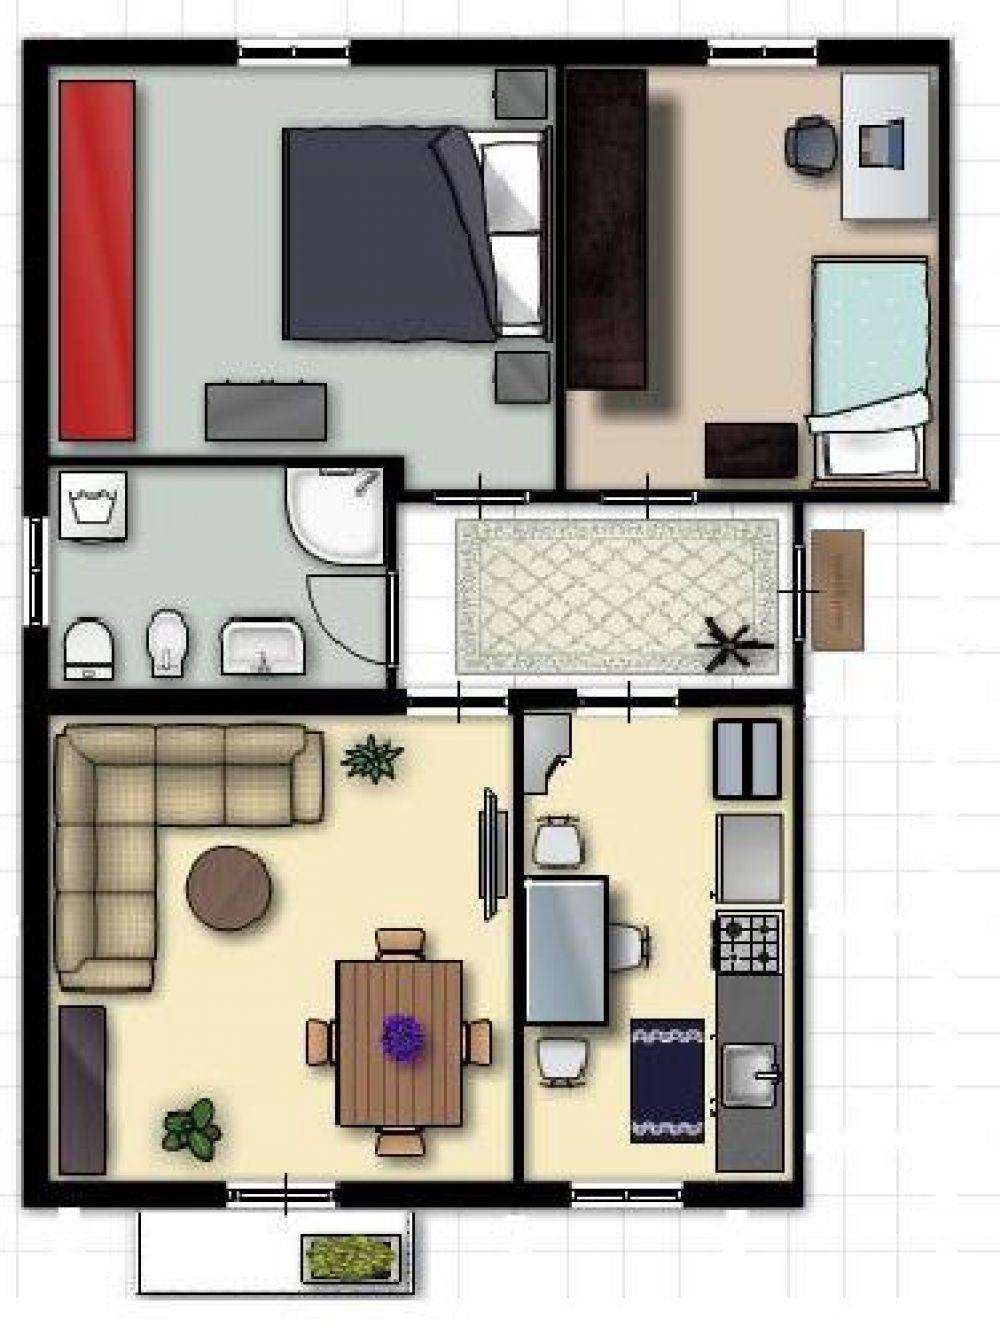 Fidenza appartamenti ristrutturati in palazzina da sei unita 39 for Case ristrutturate da architetti foto